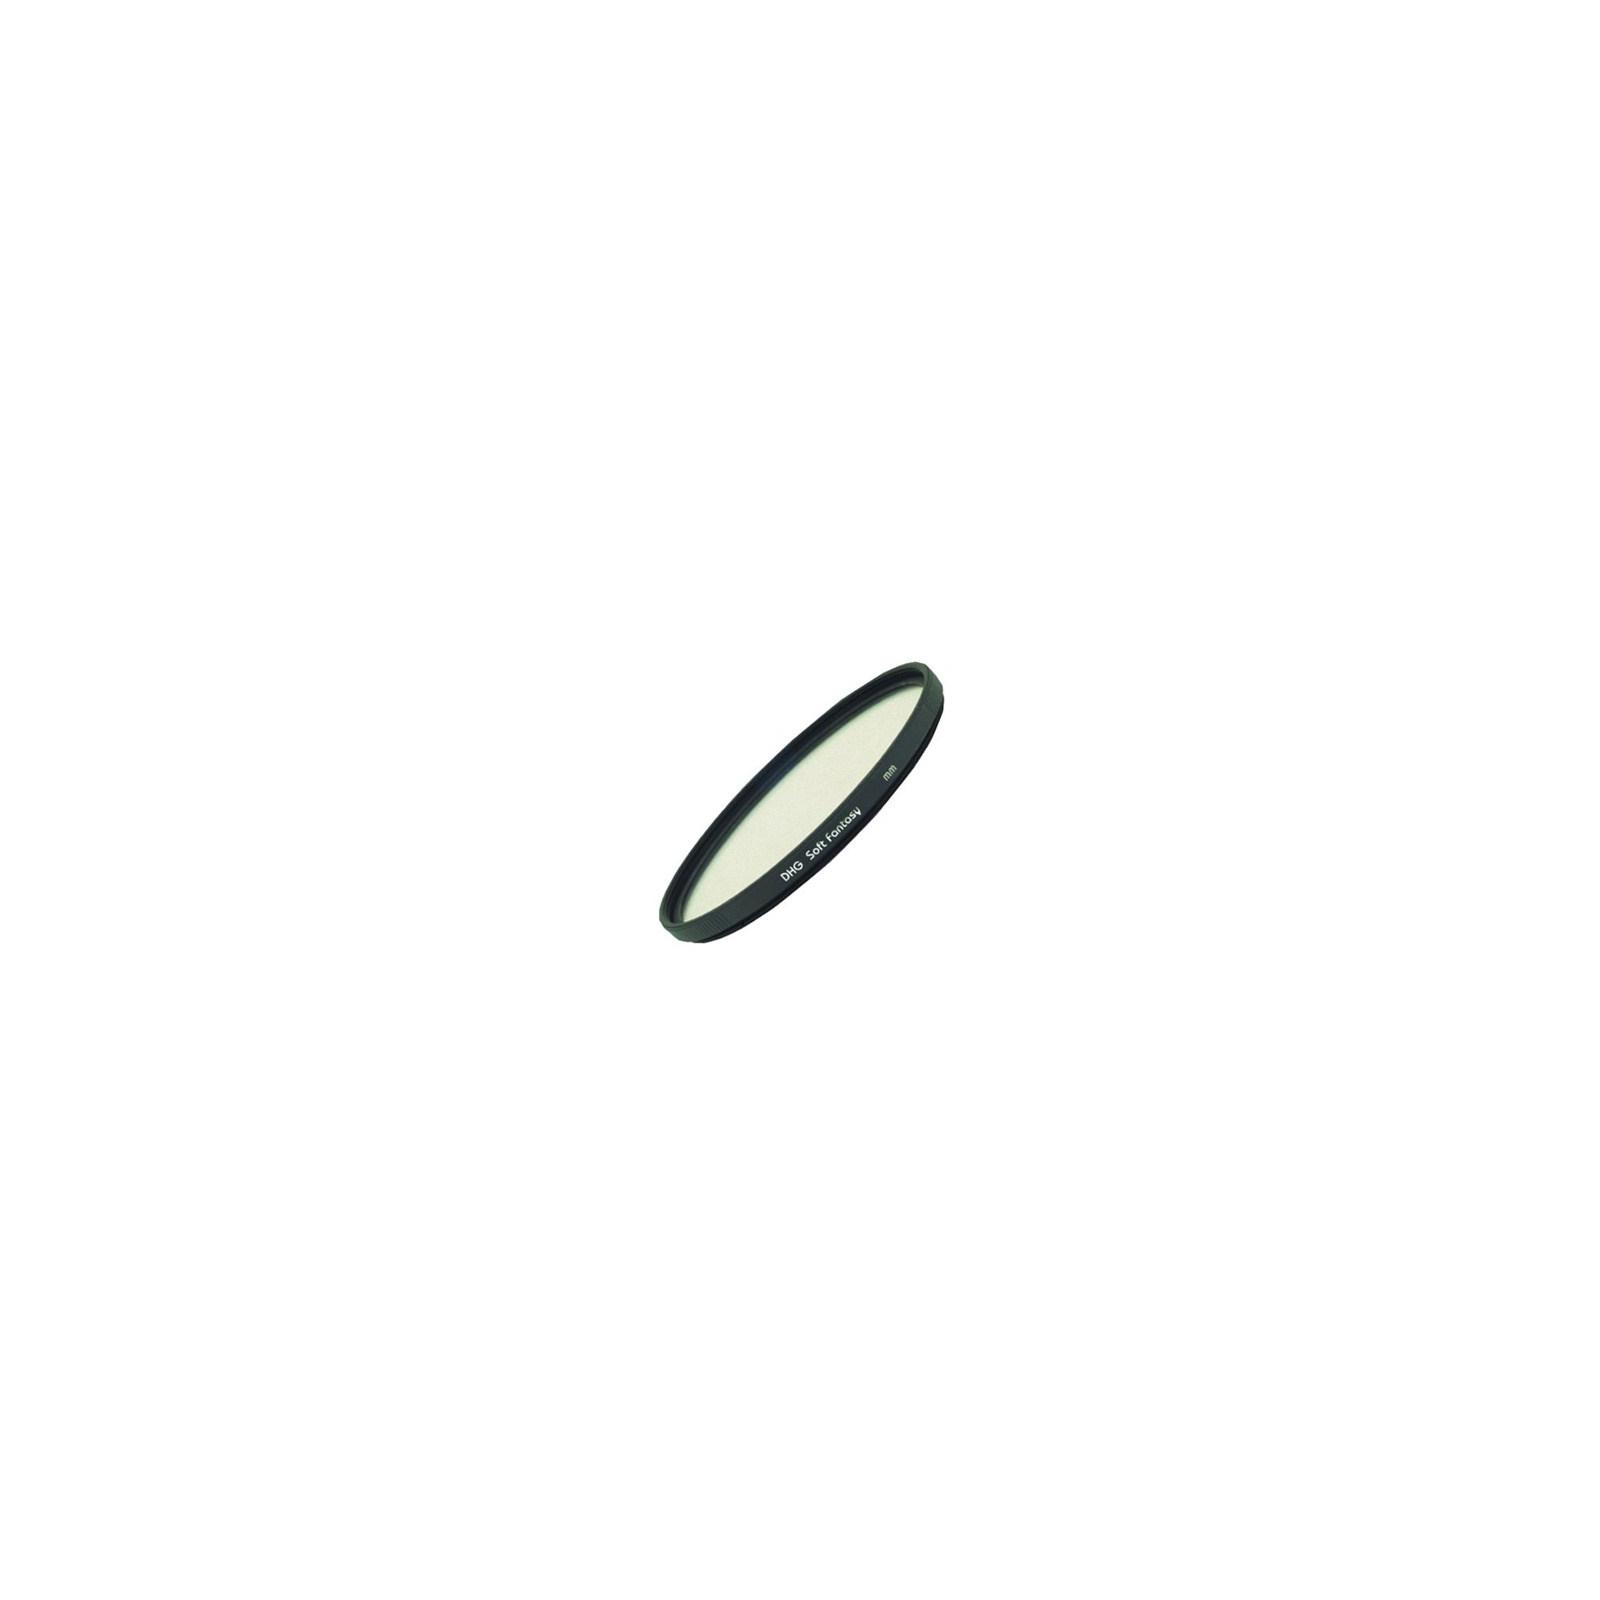 Светофильтр Marumi DHG Soft Fantasy 62mm